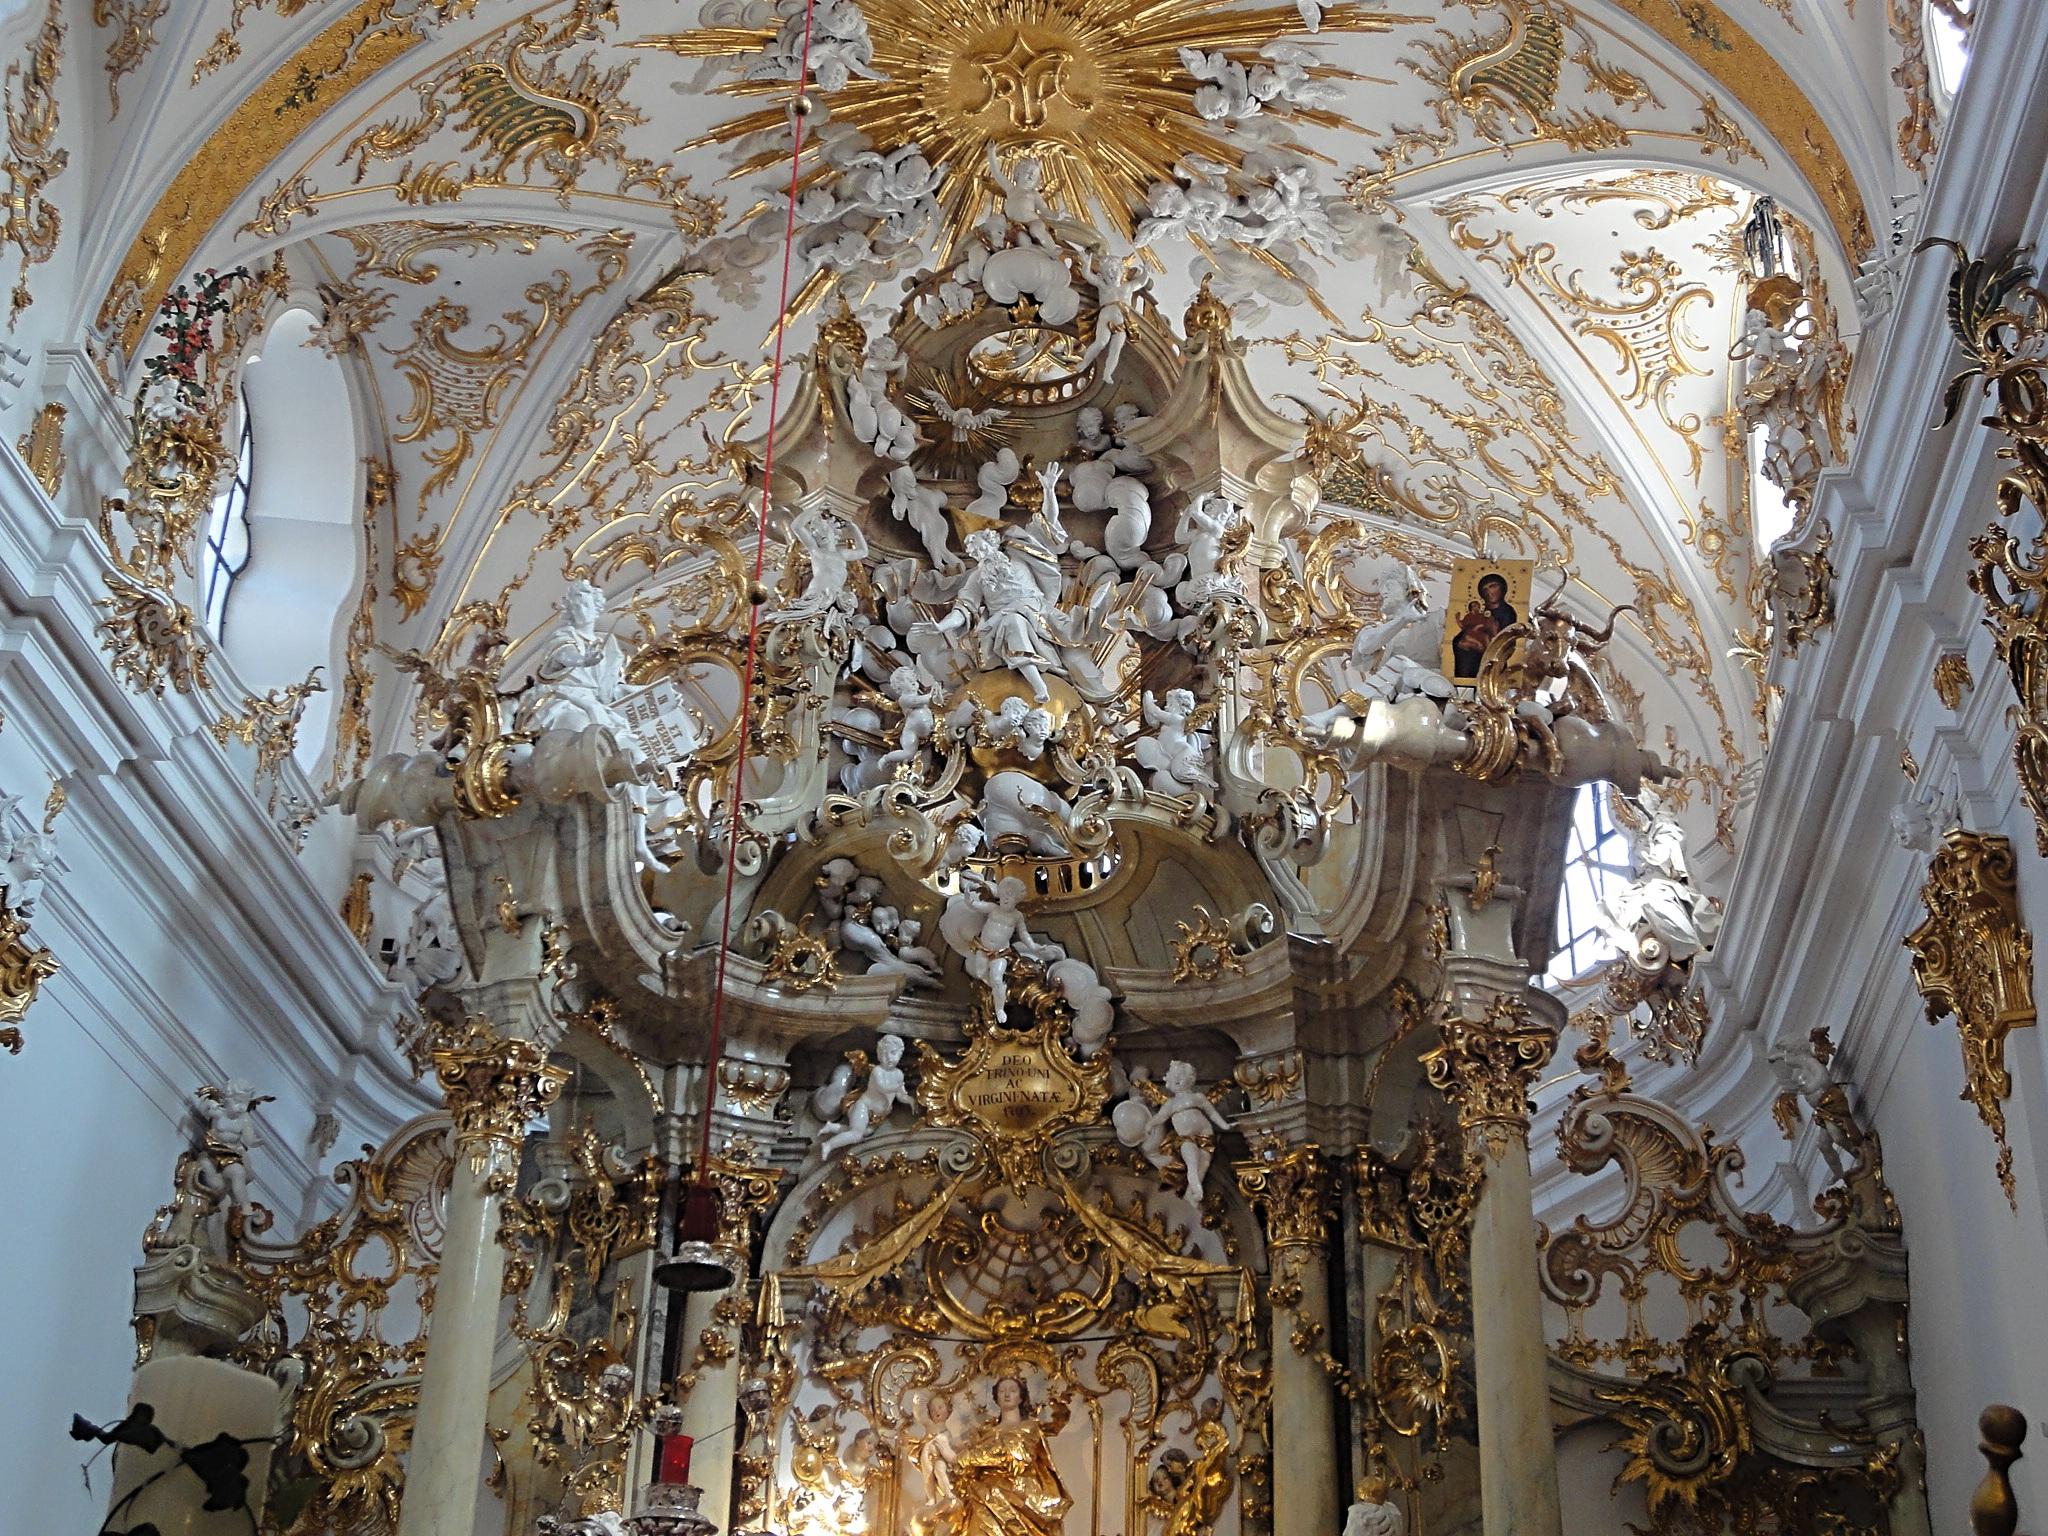 File:Alte Kapelle Regensburg2.JPG - Wikimedia Commons